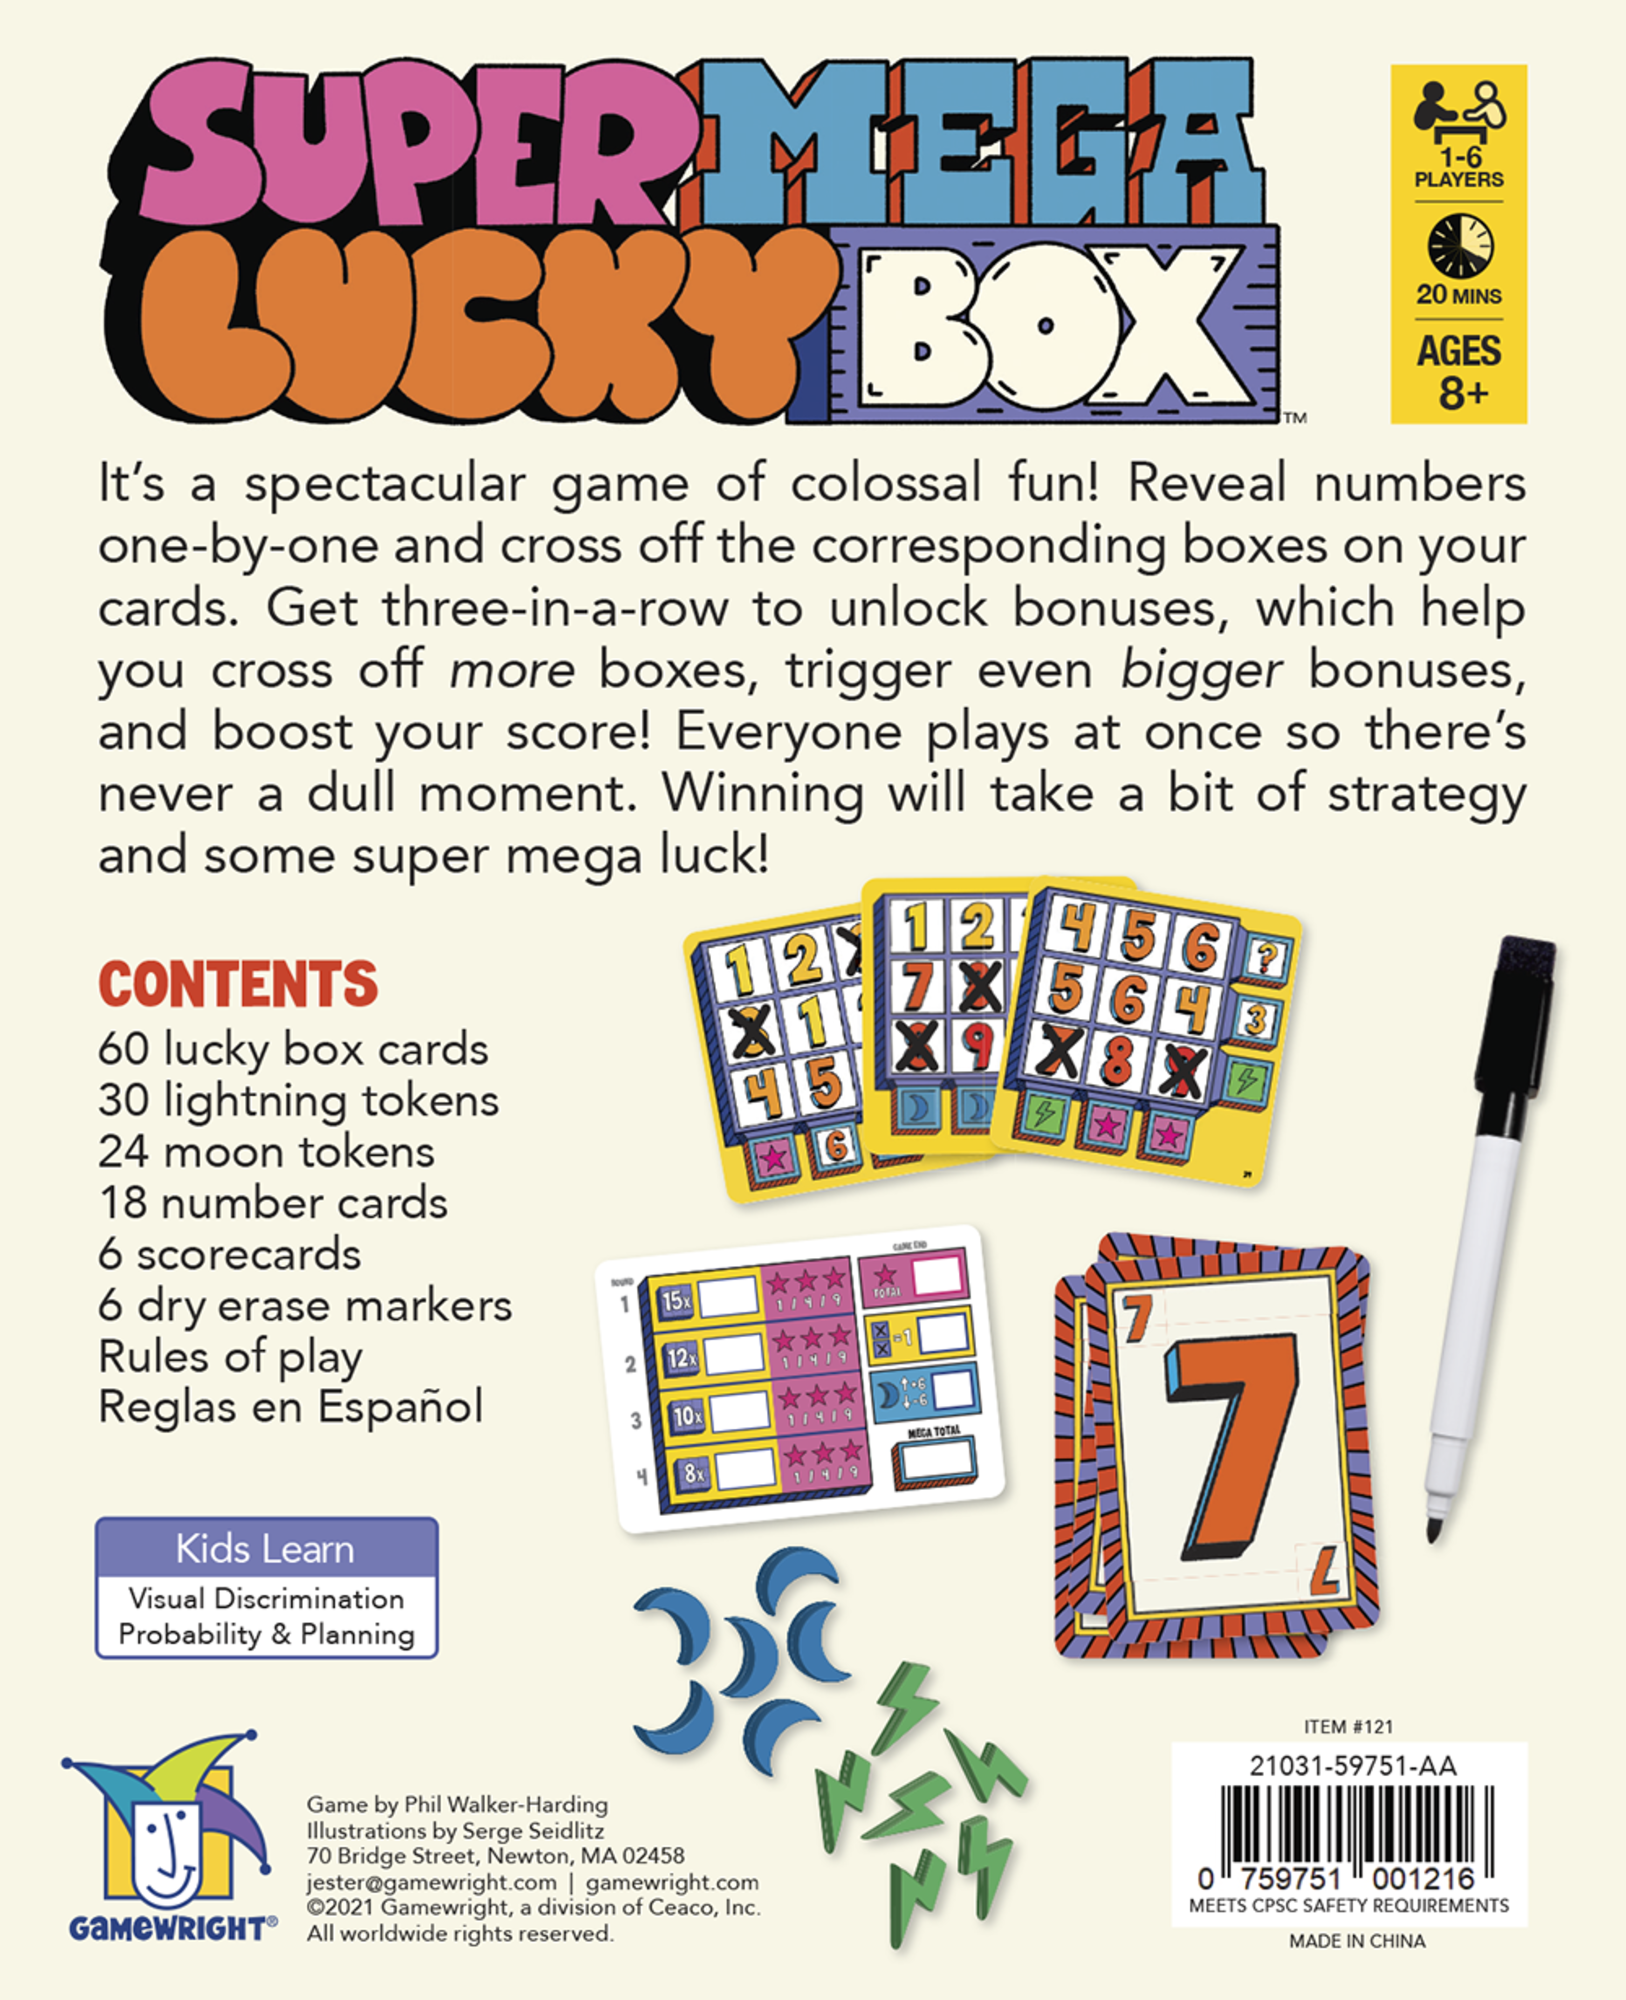 Super Mega Lucky Boxtrade